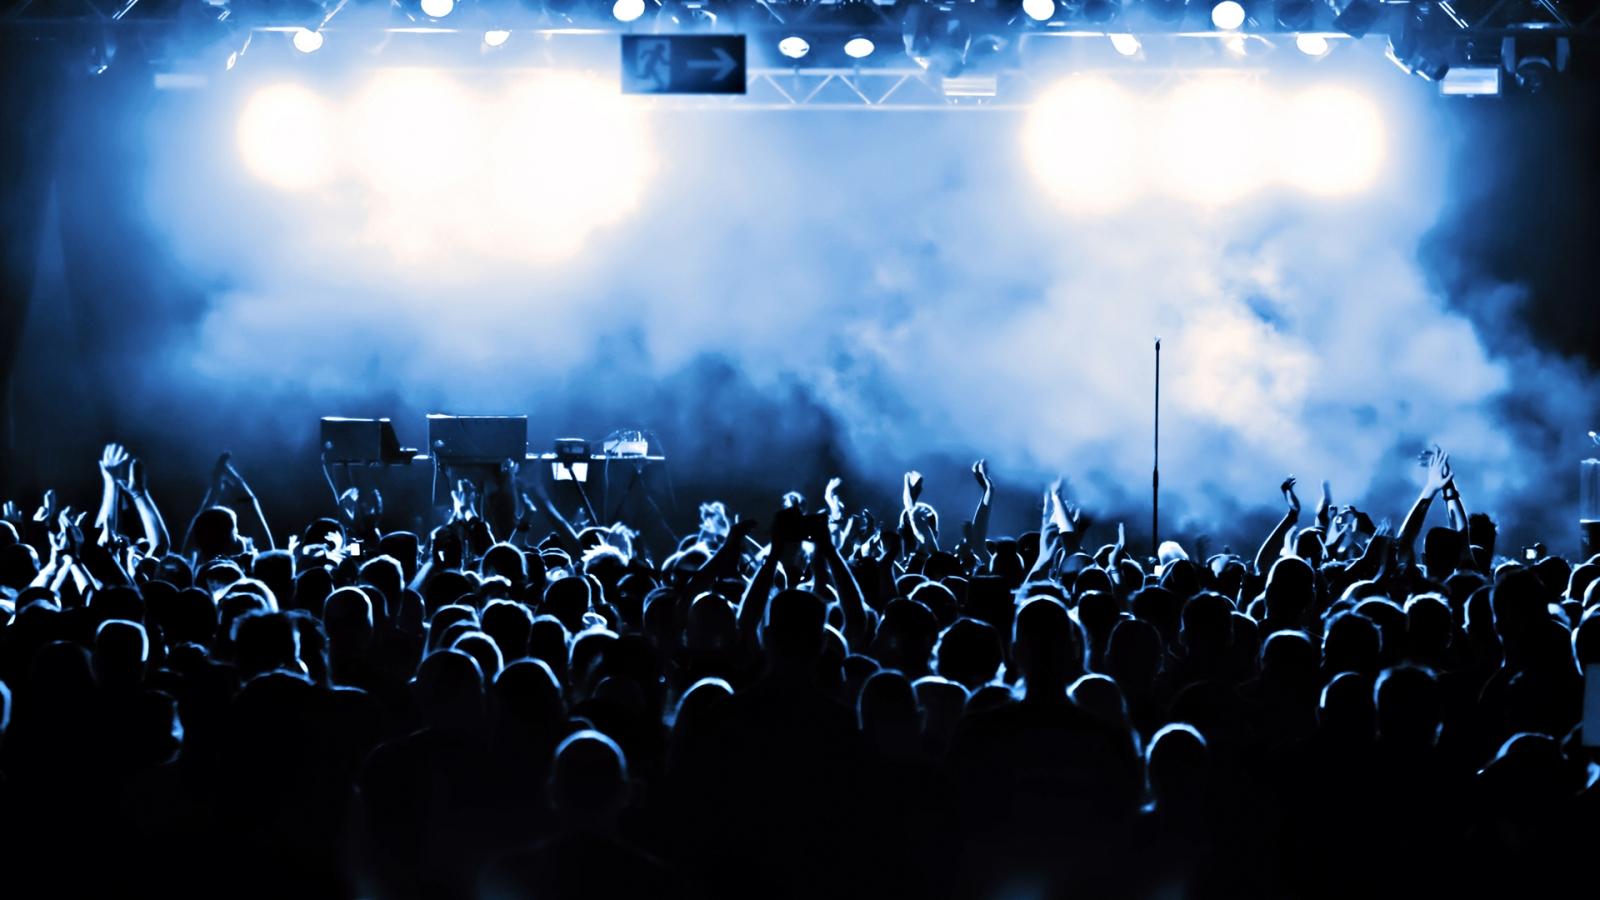 5383b5f7a8537_concert.jpg